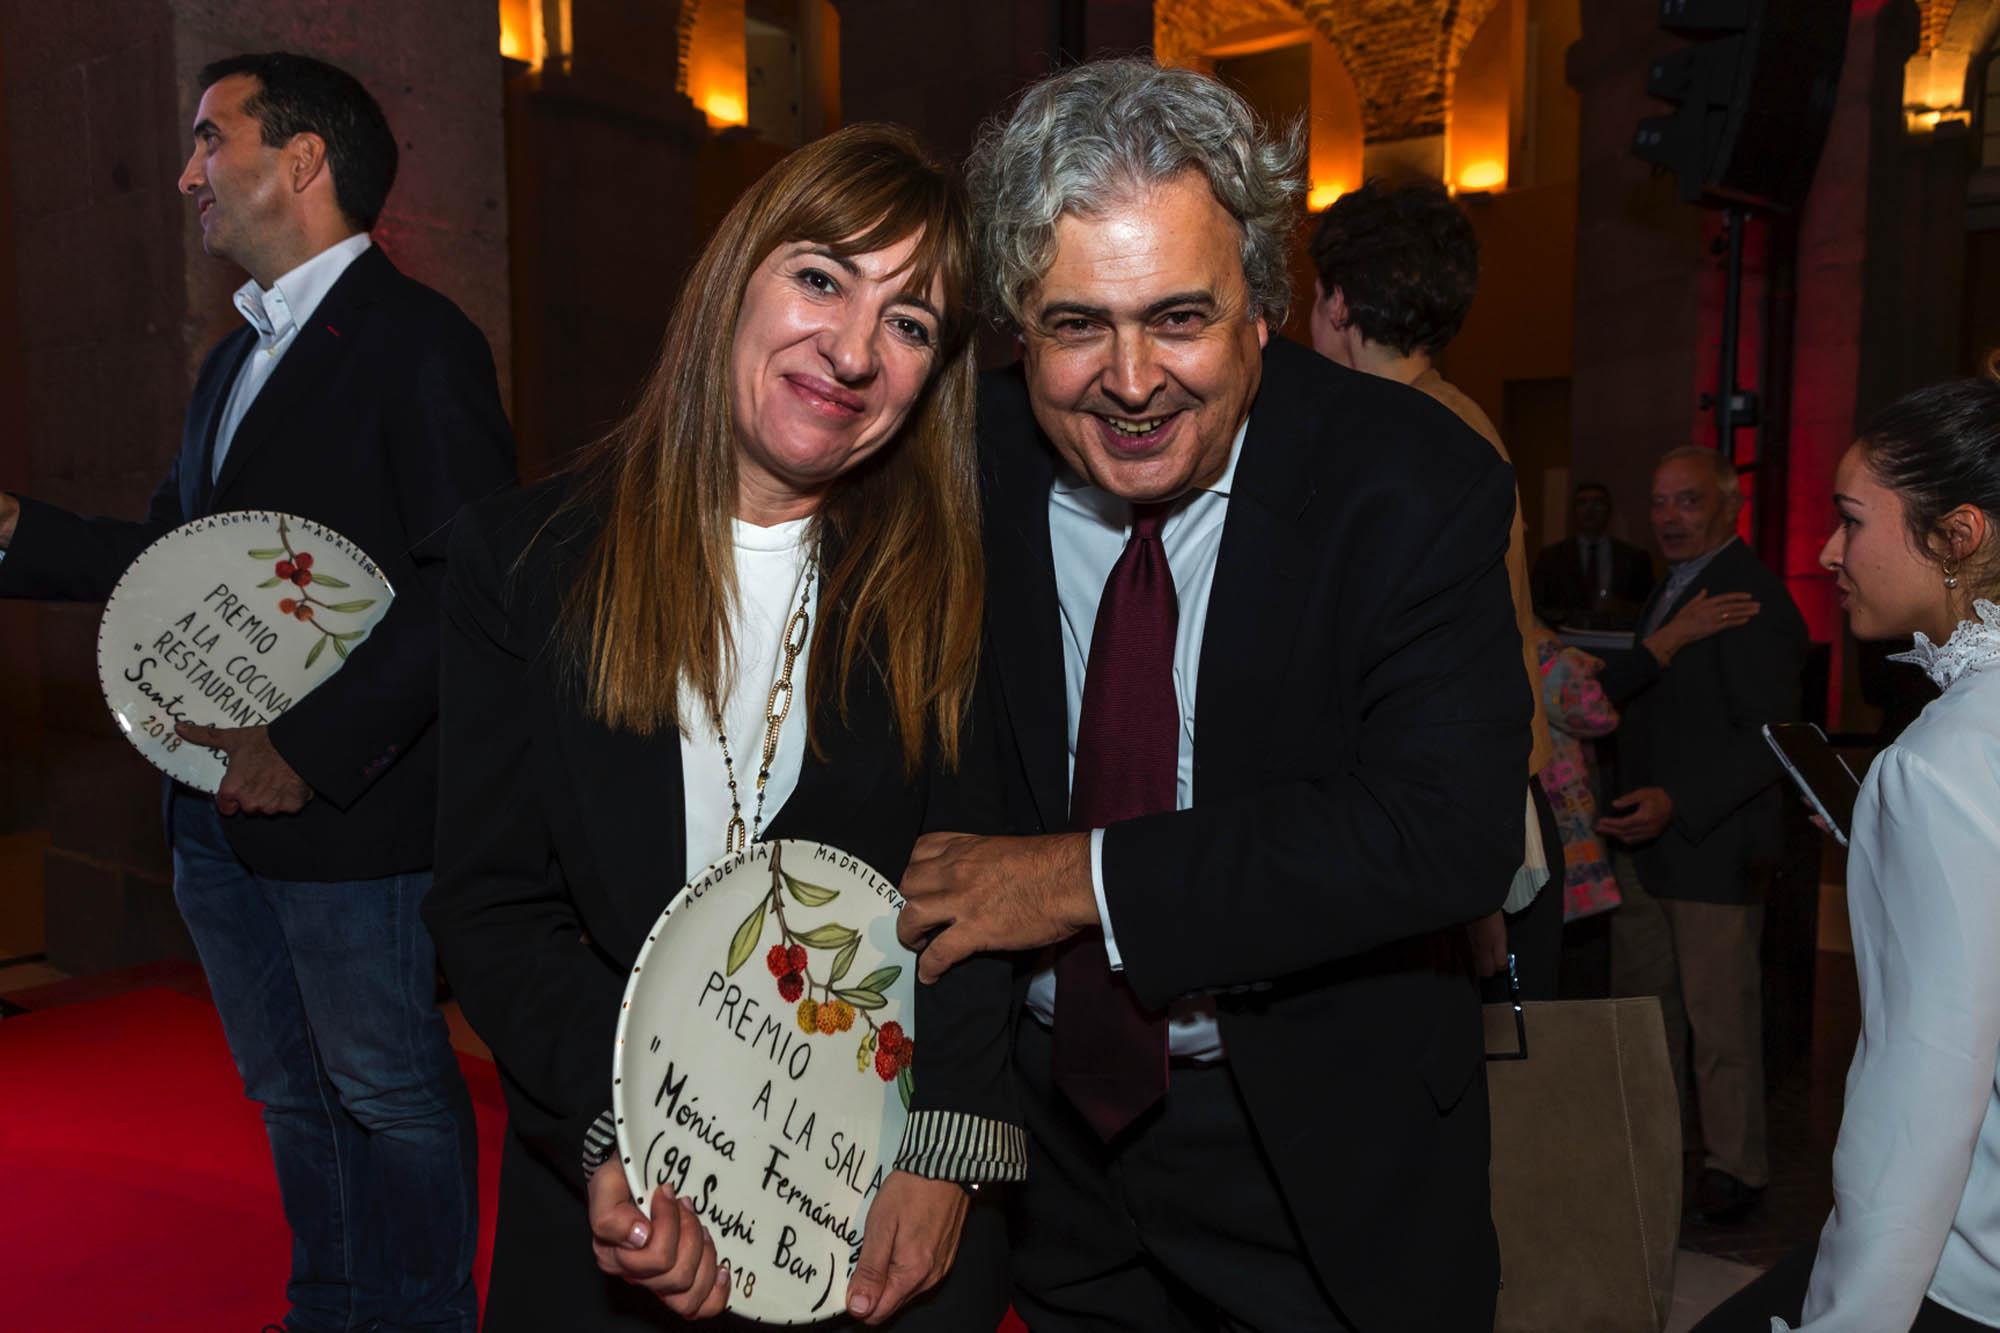 Mónica Fernández, sumiller de '99 Sushi Bar', acumula un premio más como una de las grandes en su categoría.